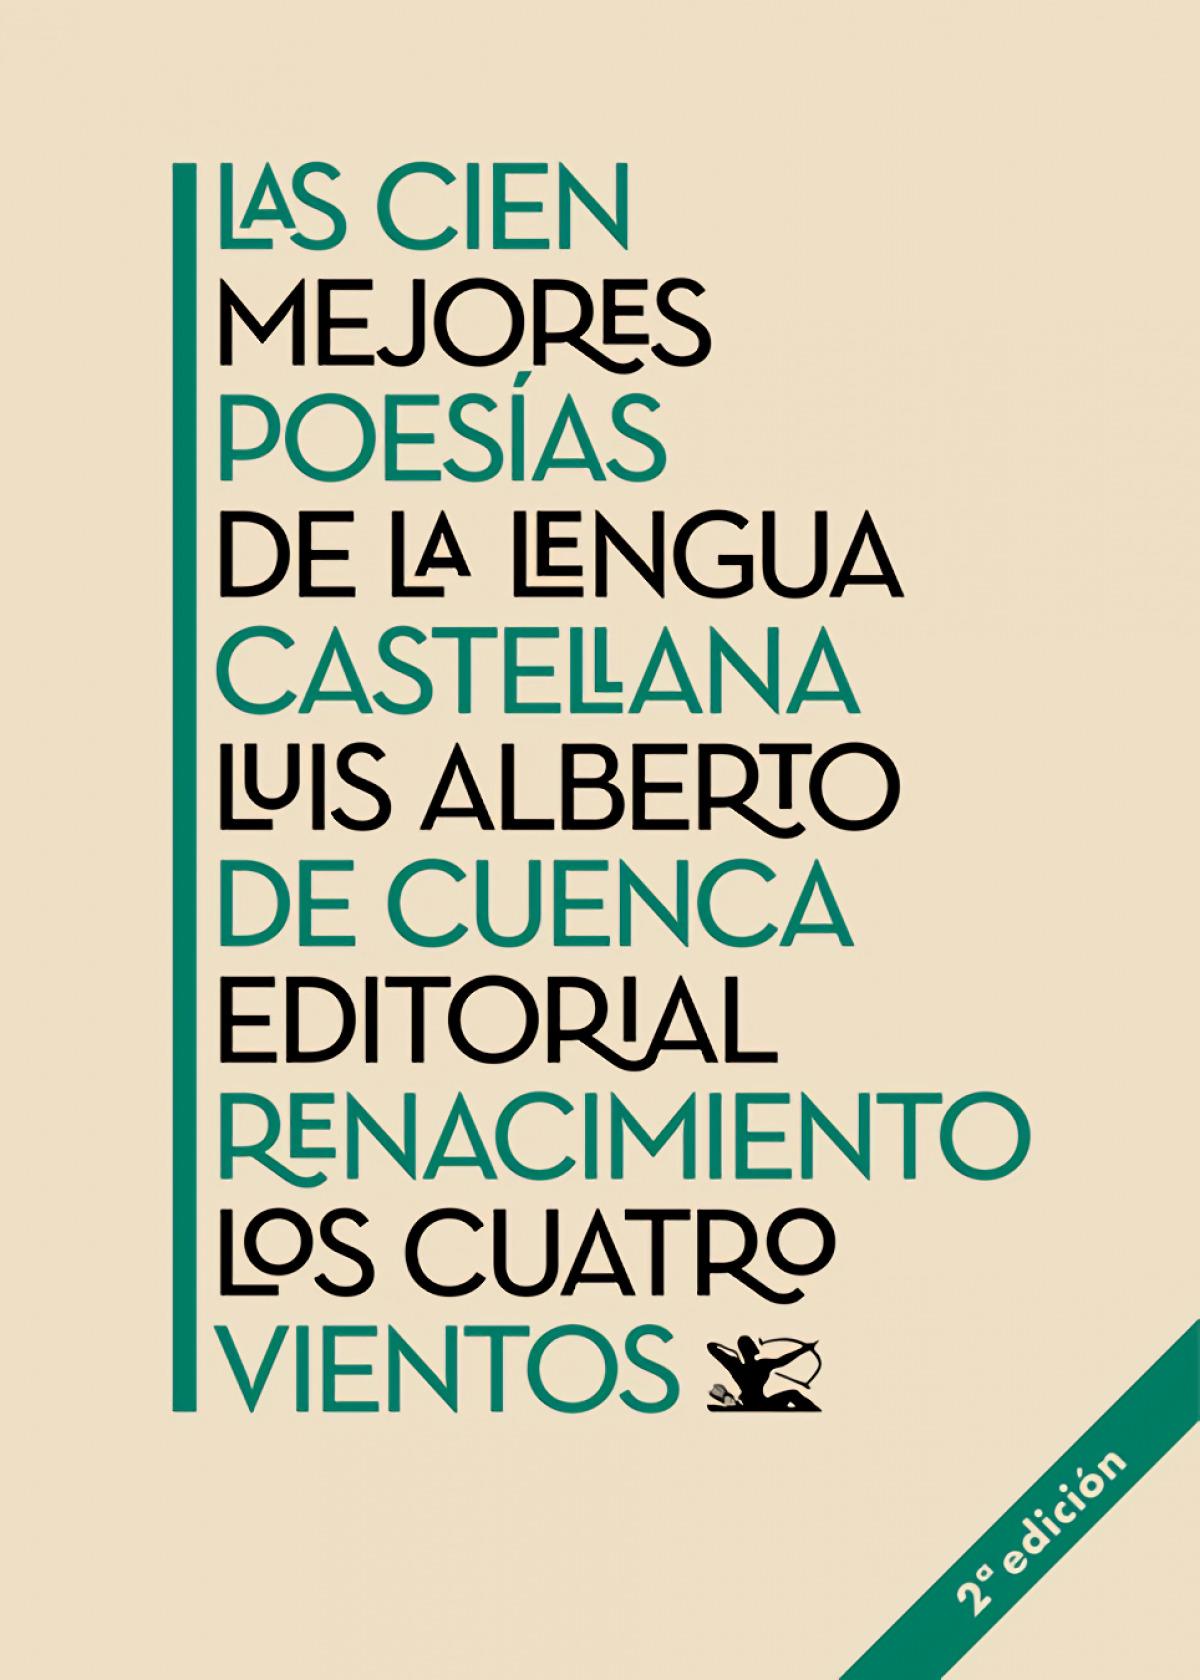 Las cien mejores poesías de la lengua castellana